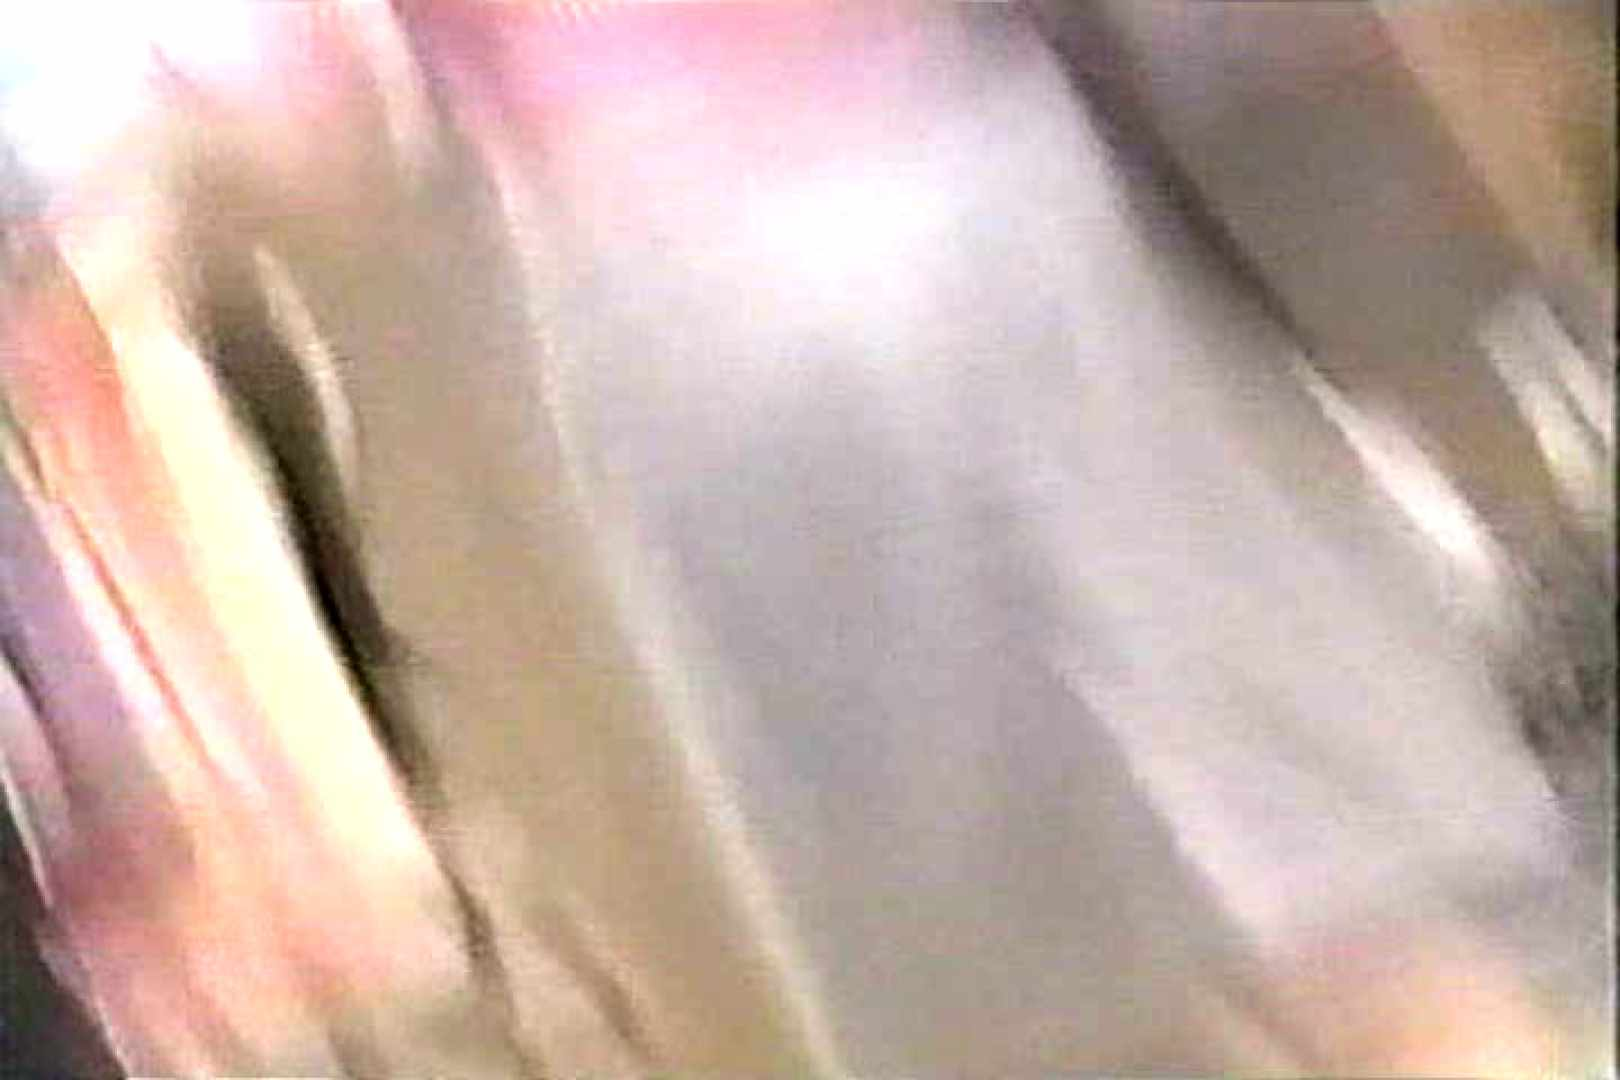 「ちくりん」さんのオリジナル未編集パンチラVol.1_01 OL  102枚 60